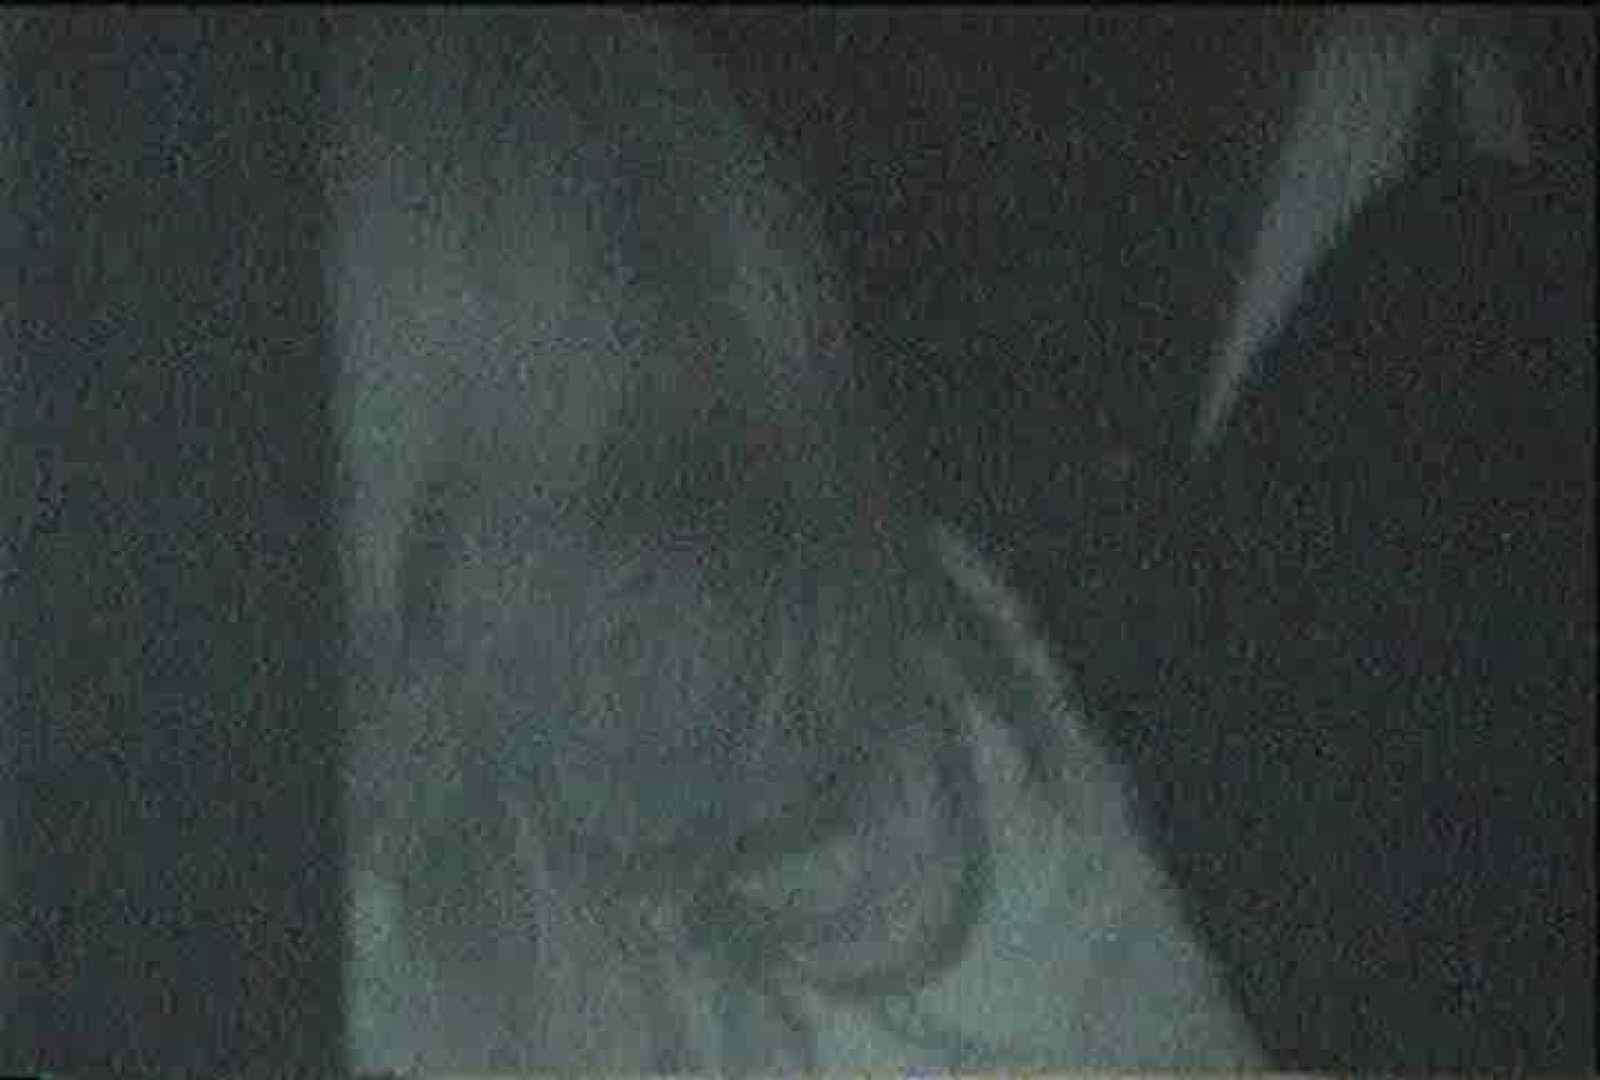 充血監督の深夜の運動会Vol.80 ギャルのエロ動画 | エッチなセックス  85画像 64